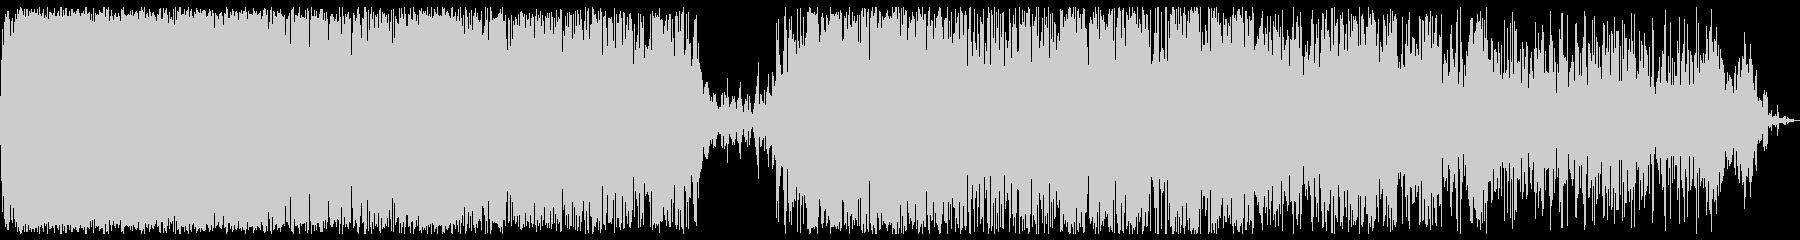 ジュワワワ(何かを高温で炒めるような音)の未再生の波形